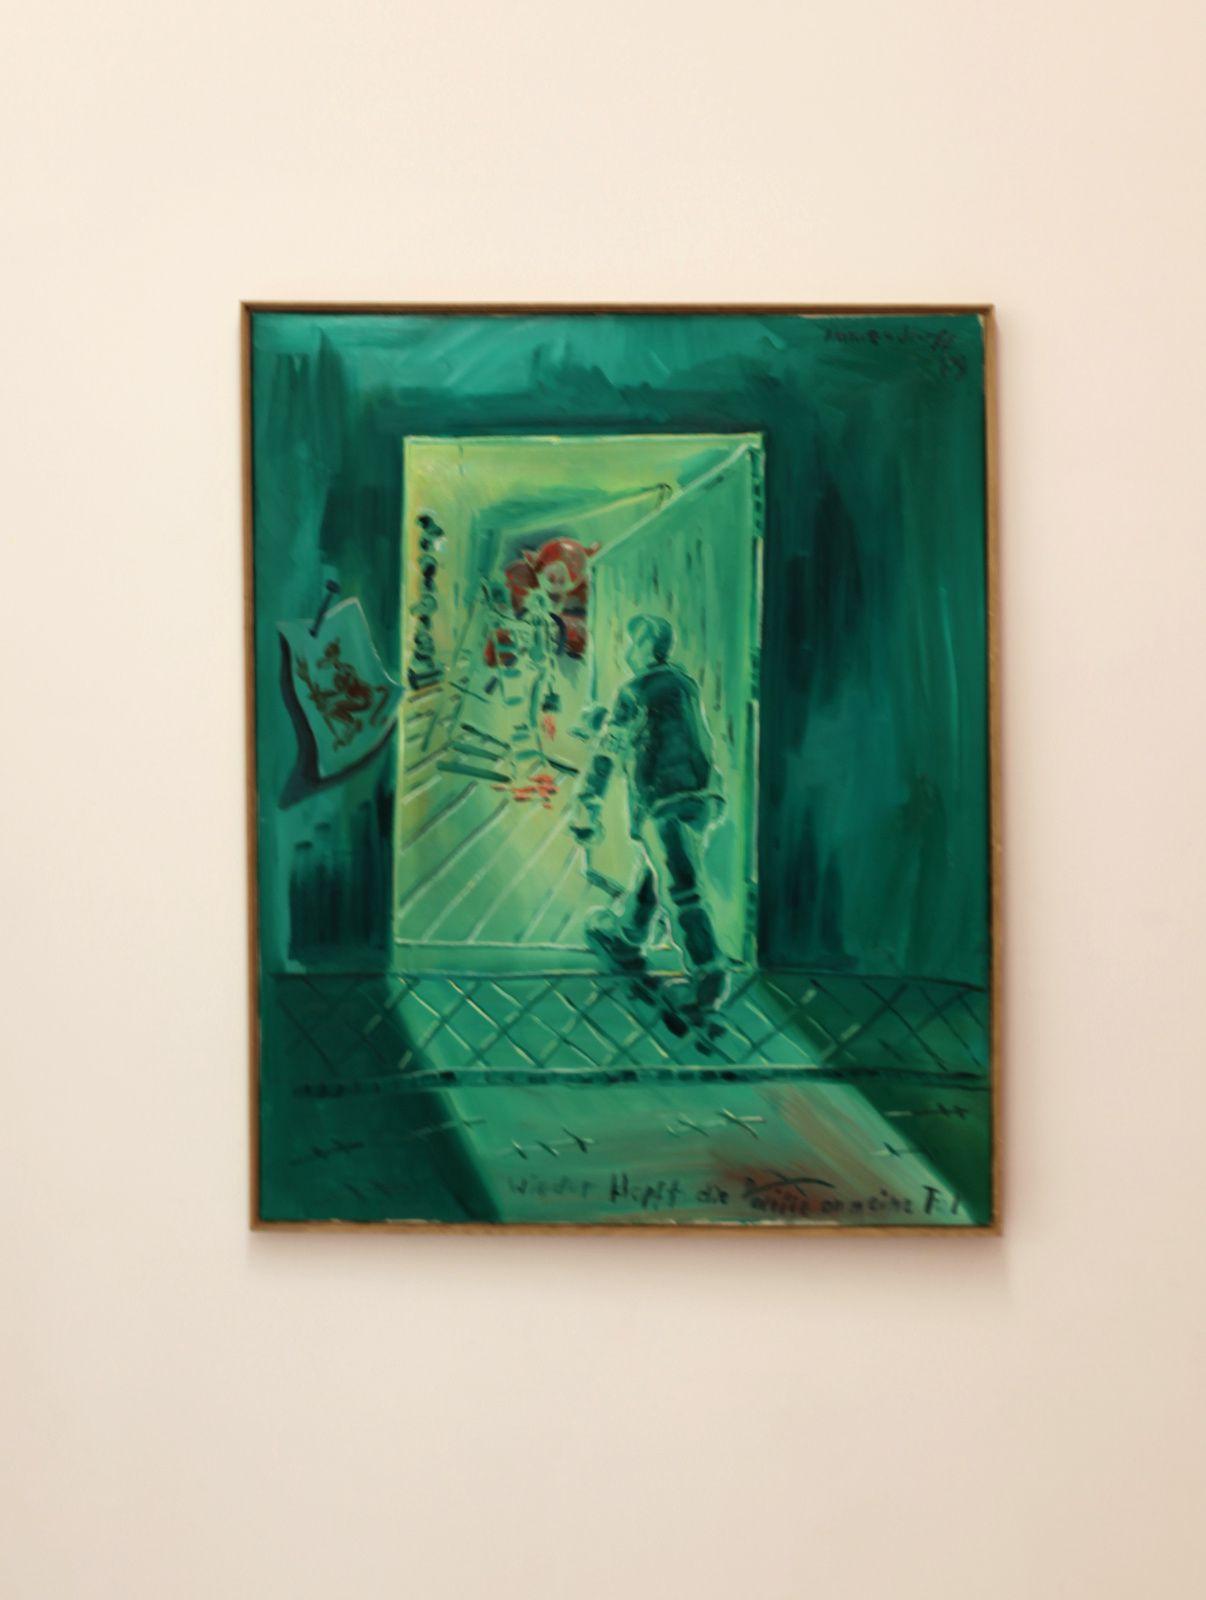 """""""Wieder Klopft die politik an meine Tür"""", 1989 de Jörg IMMENDORFF - Courtesy SUZANNE TARASIEVE PARIS  © Photo Éric Simon"""